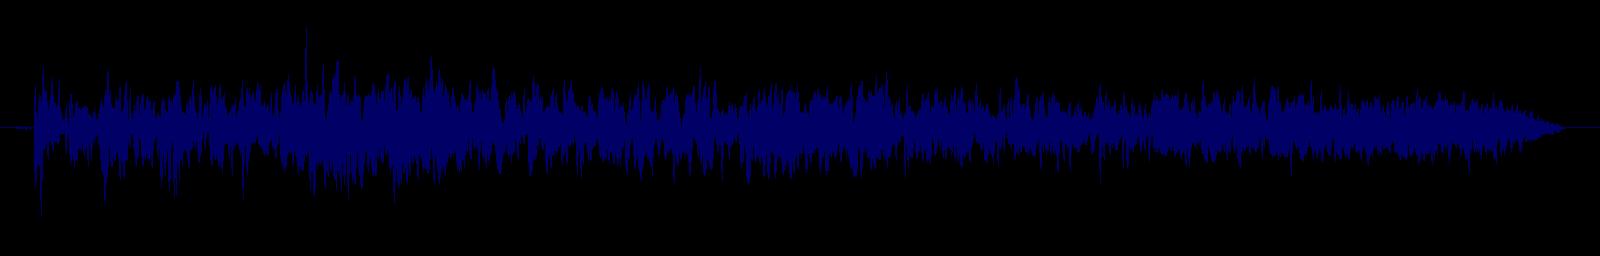 waveform of track #112704